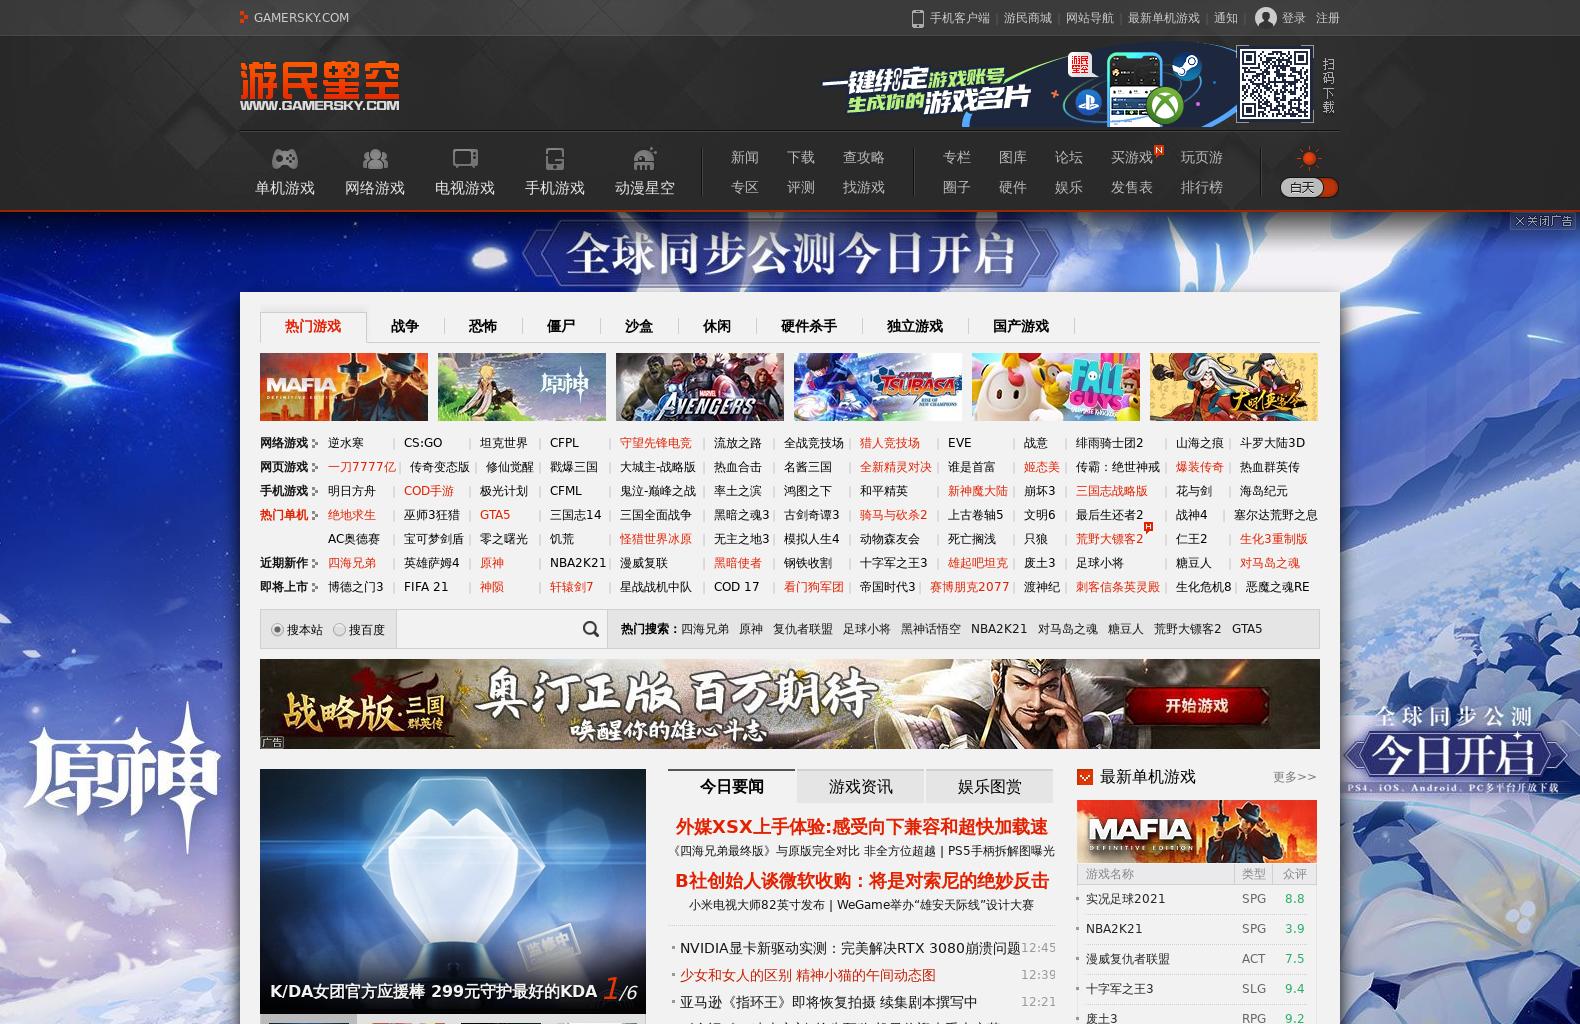 www.gamersky.com的网站截图